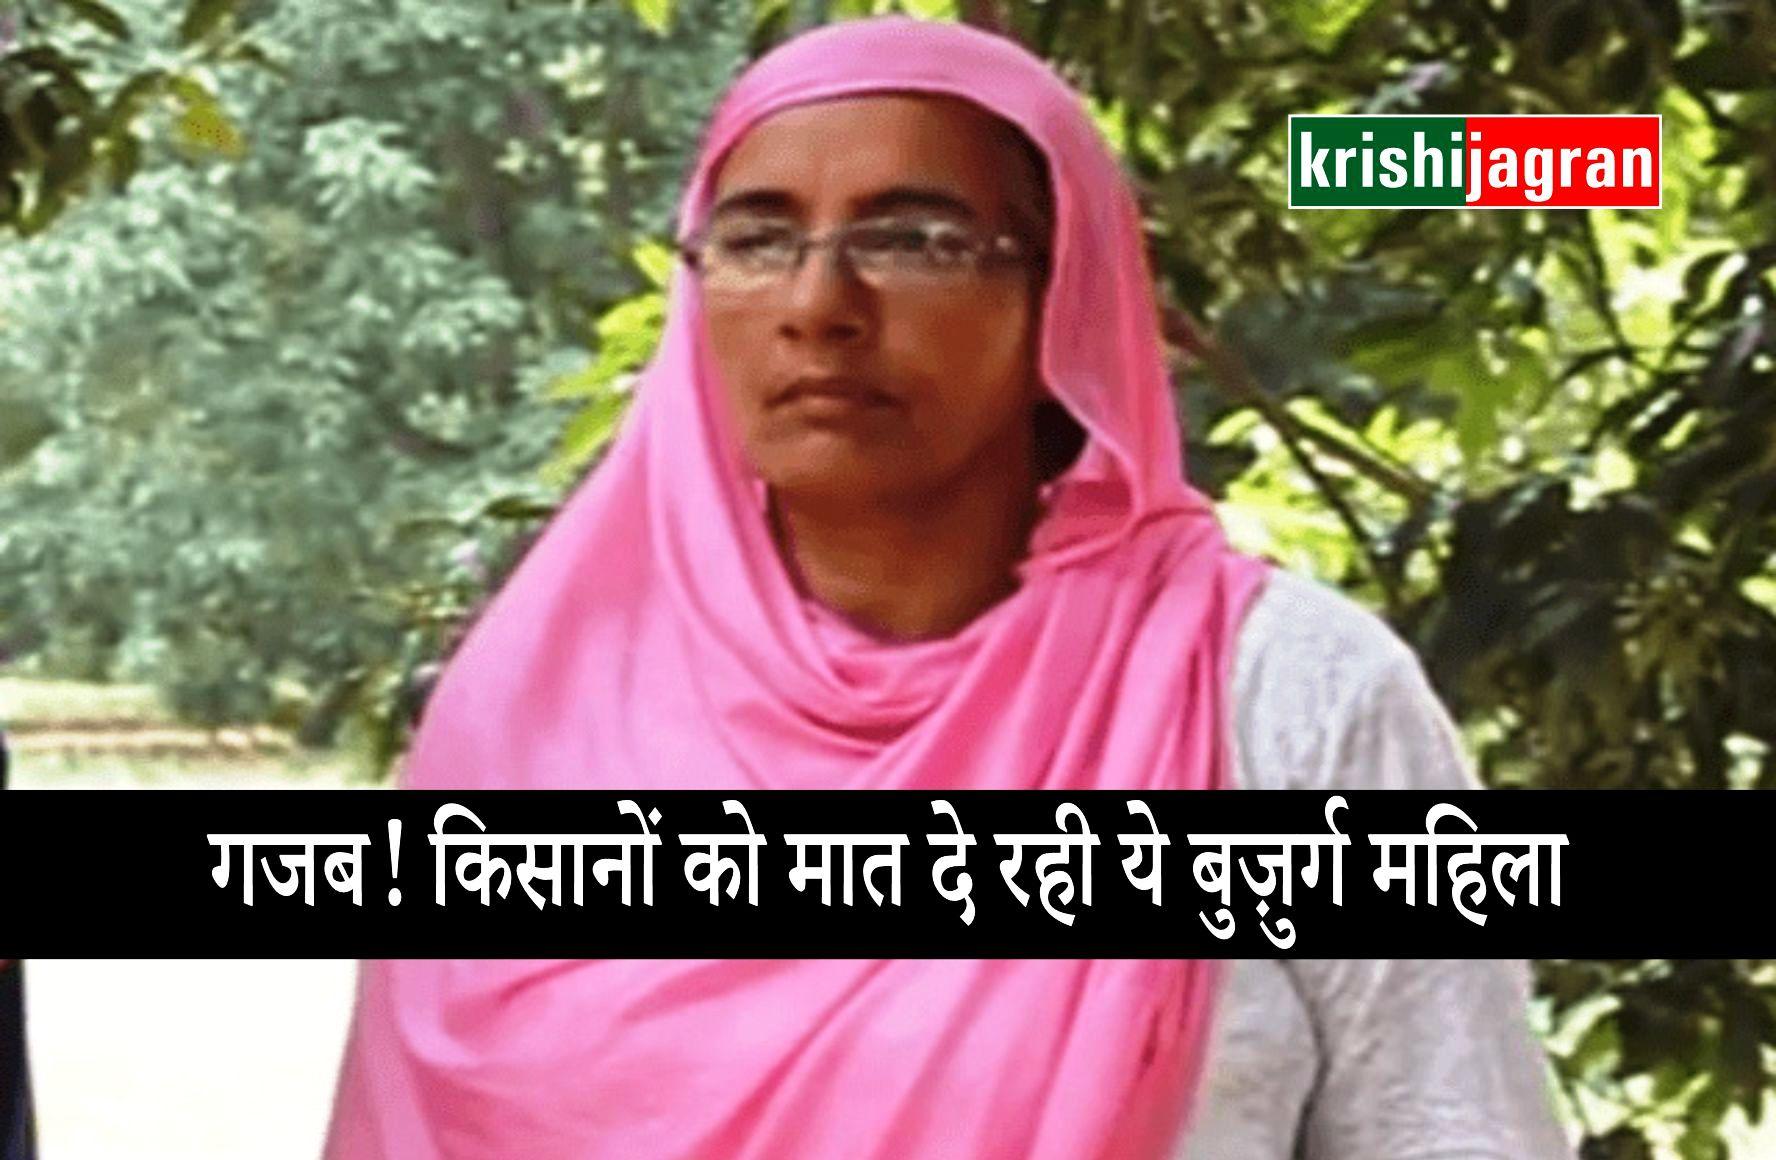 बचपन के सपने को शादी के बाद किया पूरा, जैविक खेती कर बनी महिला किसान